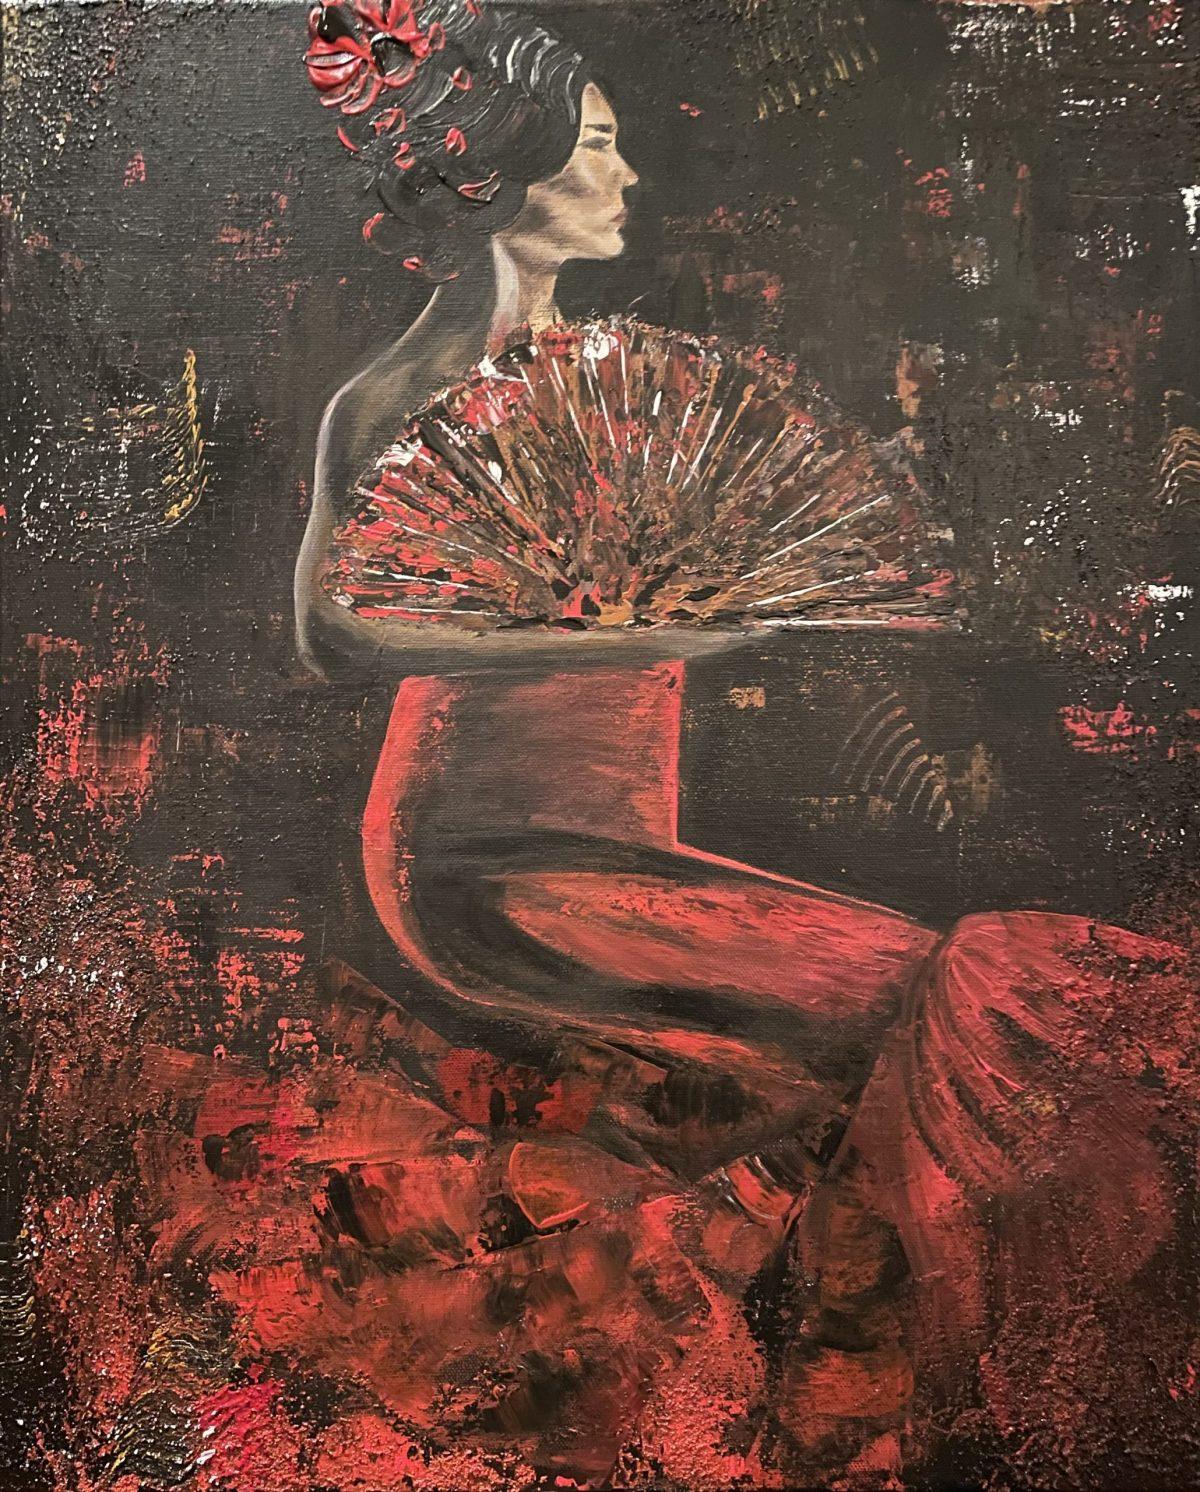 Danseuse du Flamenco, signé Kate_Art, de l'auteur Katarzyna Boduch